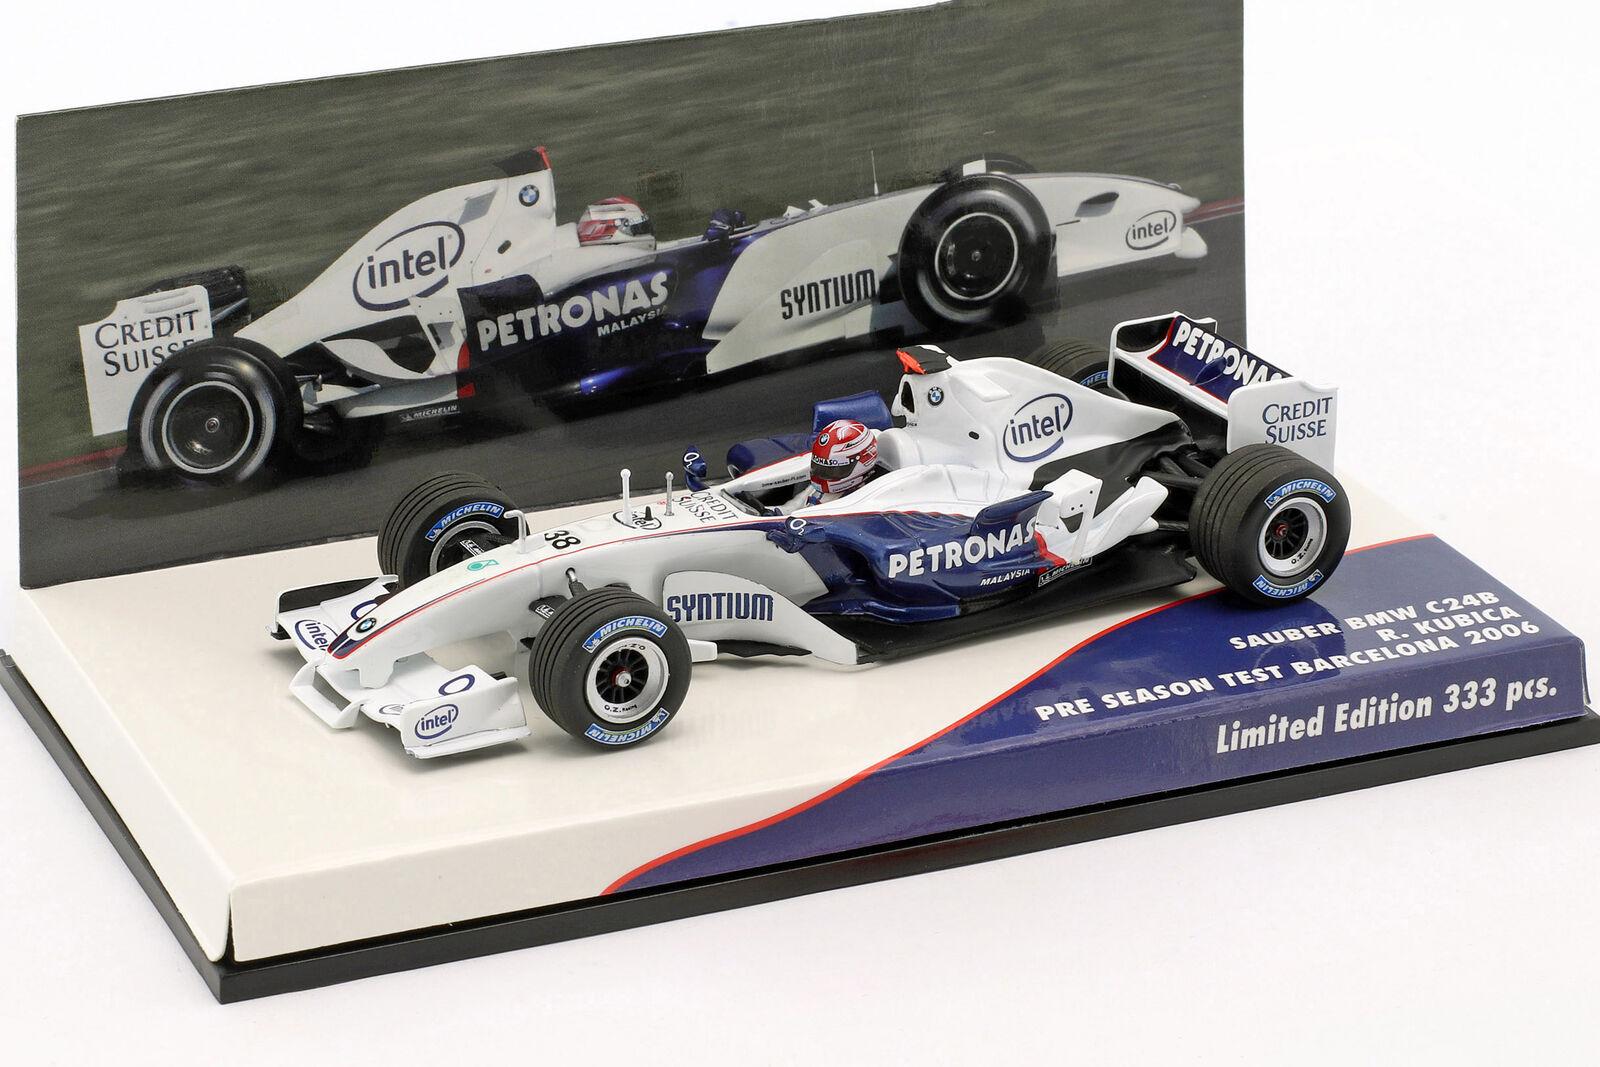 R. Kubica BMW Propre C24B #38 Formule 1 Test Barcelone 2006 1:43 Minichamps   Sale Online    Porter-résistance